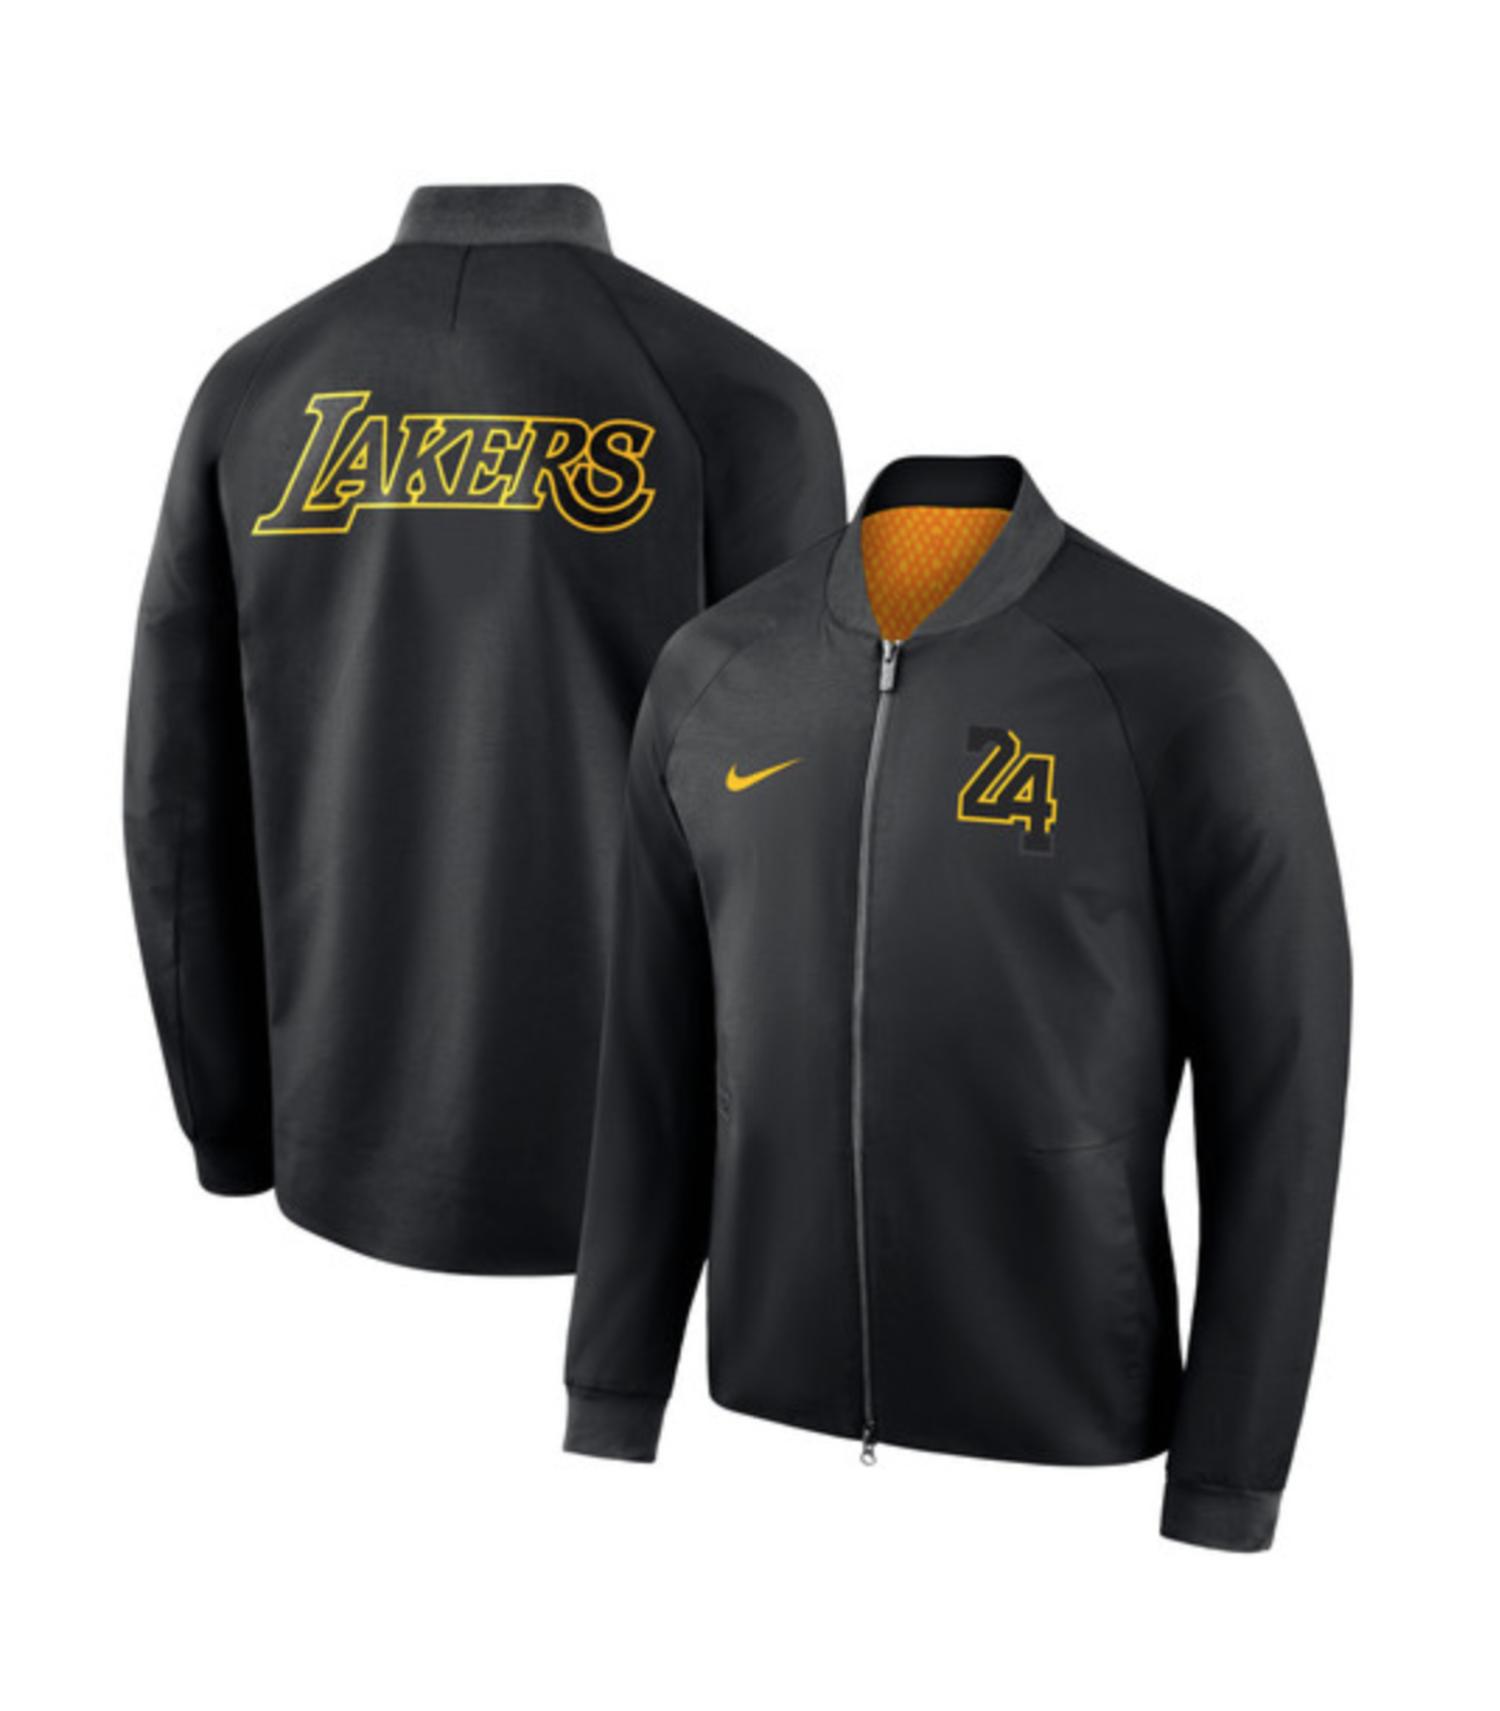 Nueva chaqueta de Los Ángeles Lakers para la temporada 2018/19